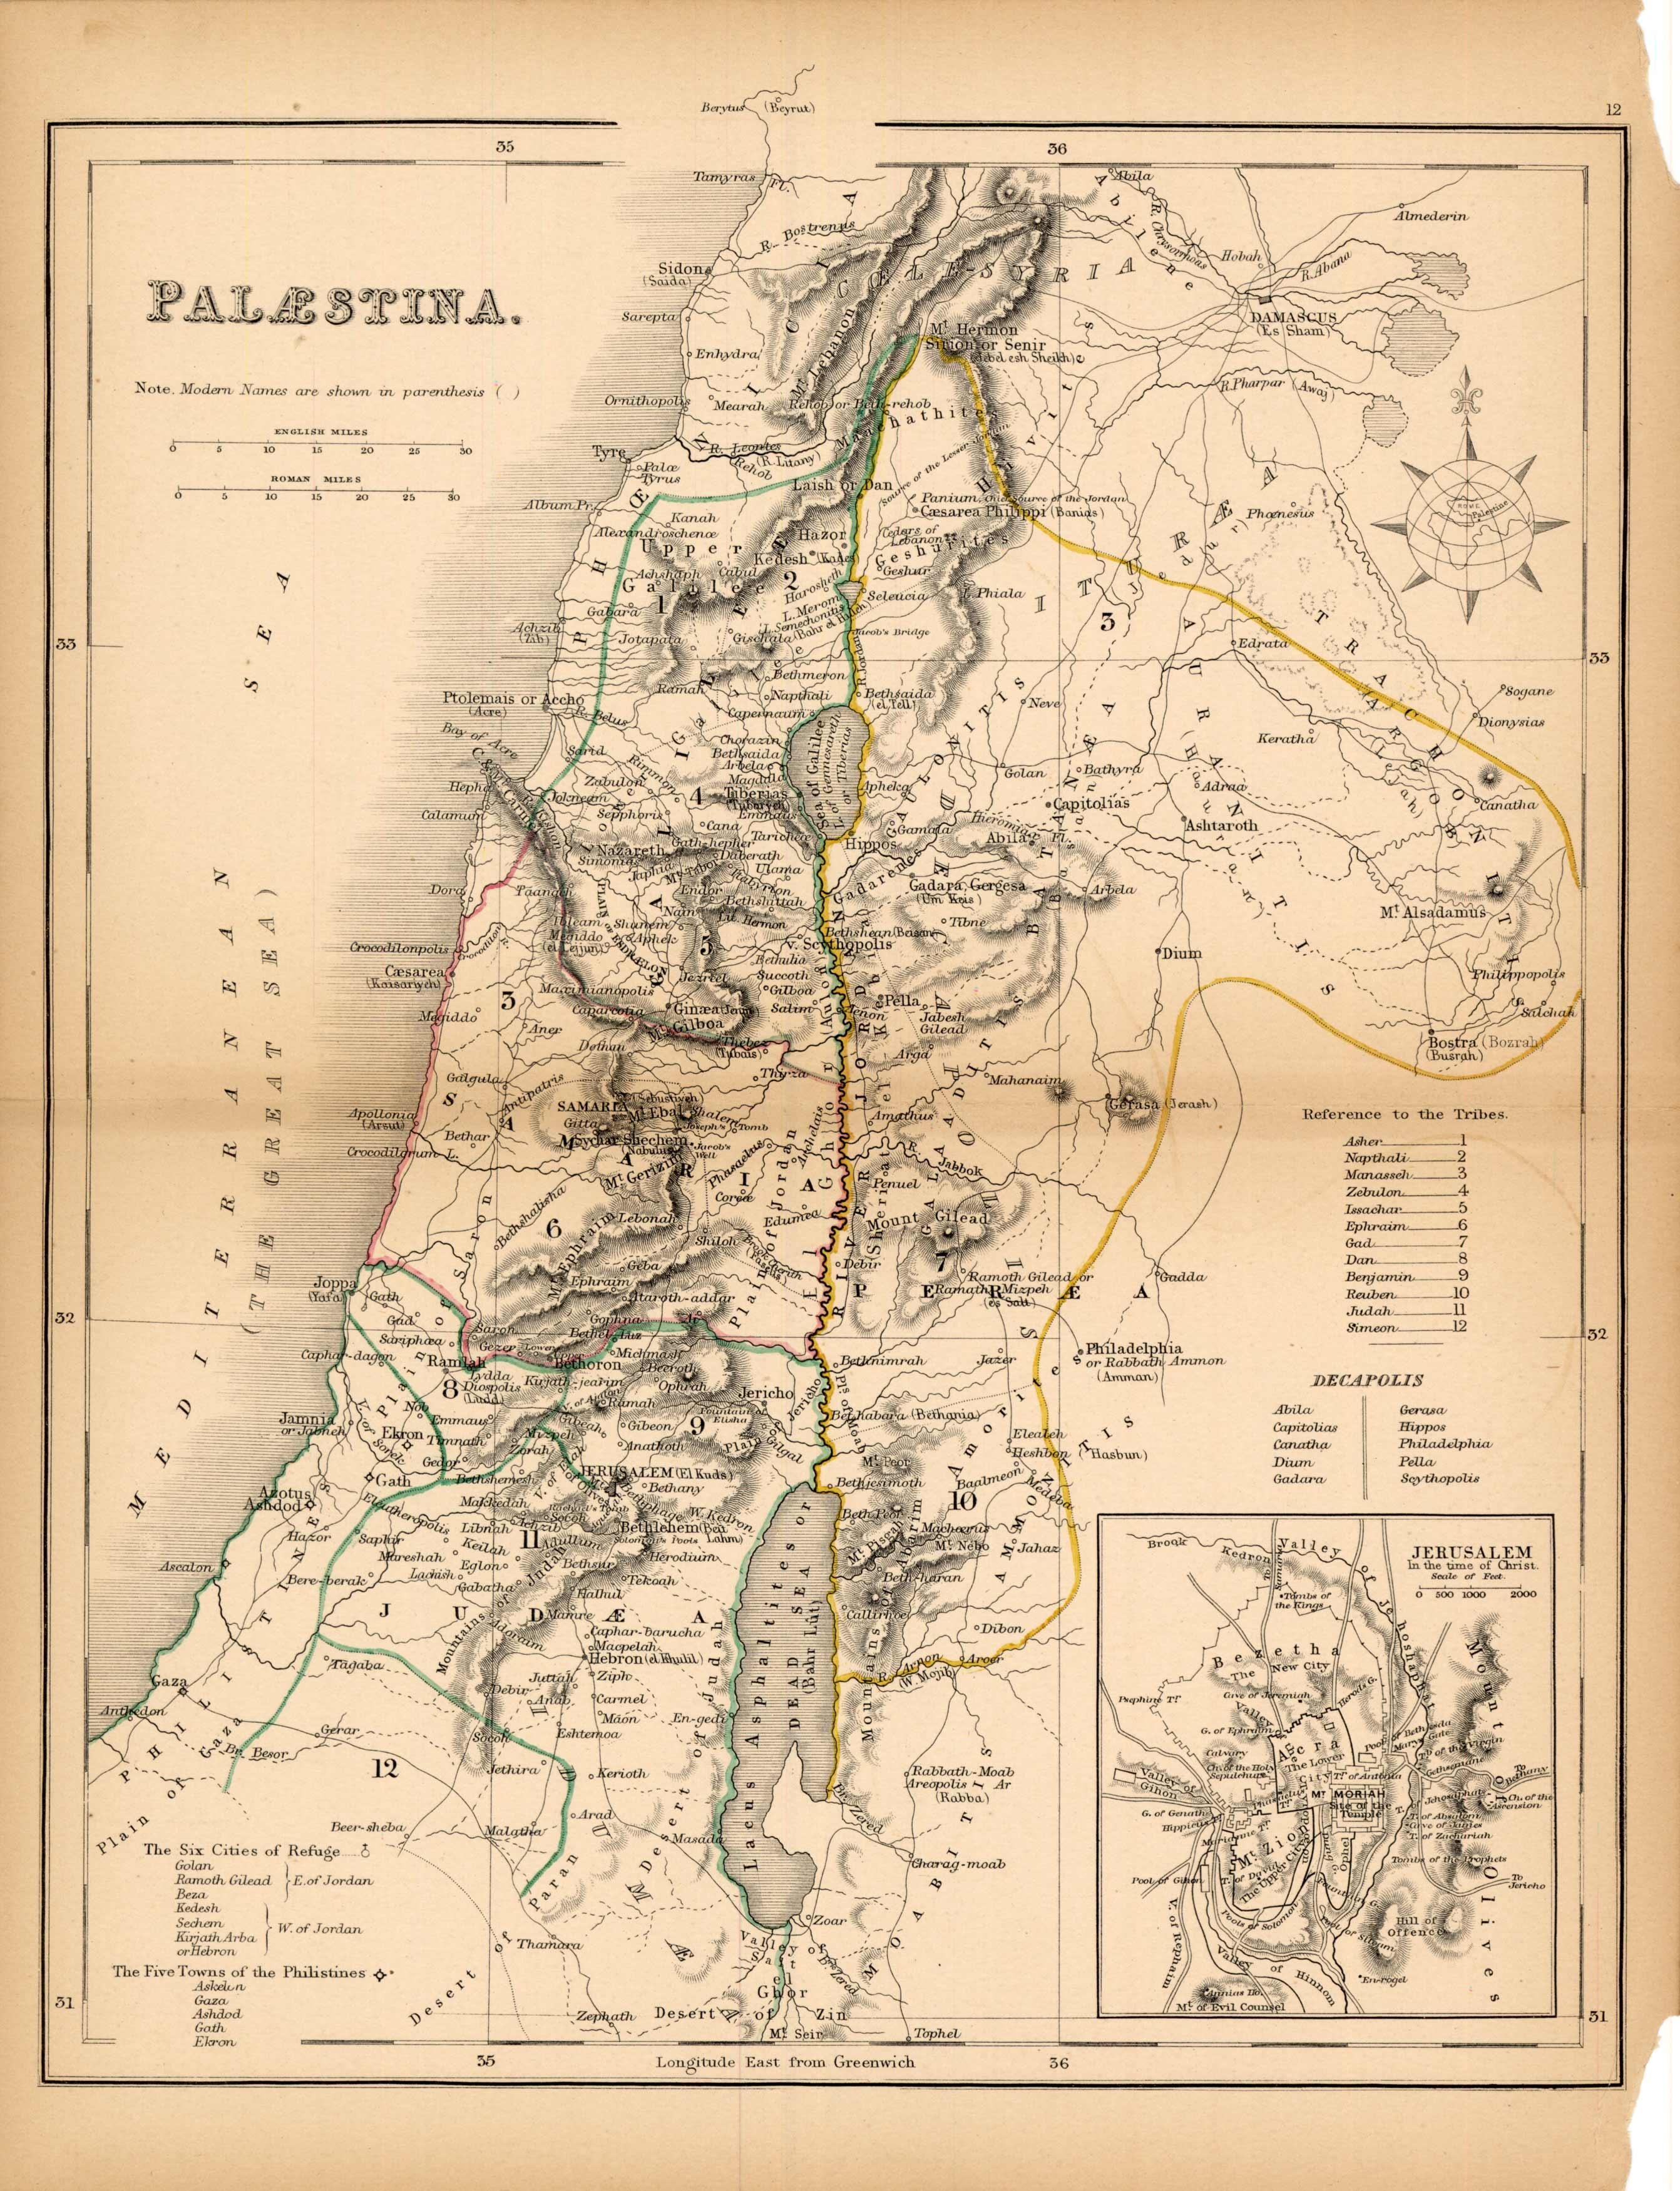 Palaestina (Palestine)